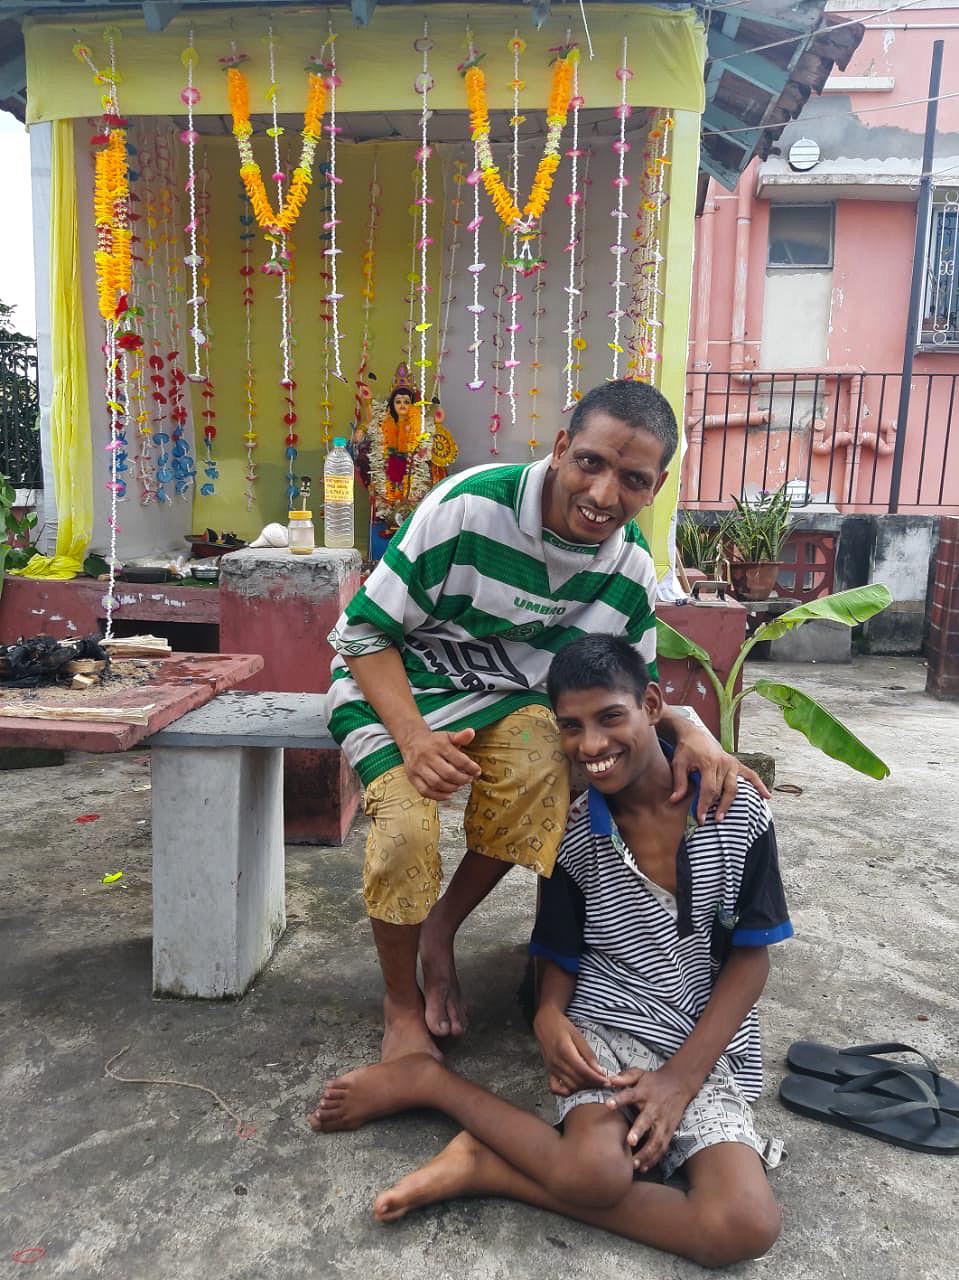 shuktara - 2019 Vishwakarma Puja - Bablu and Bappa